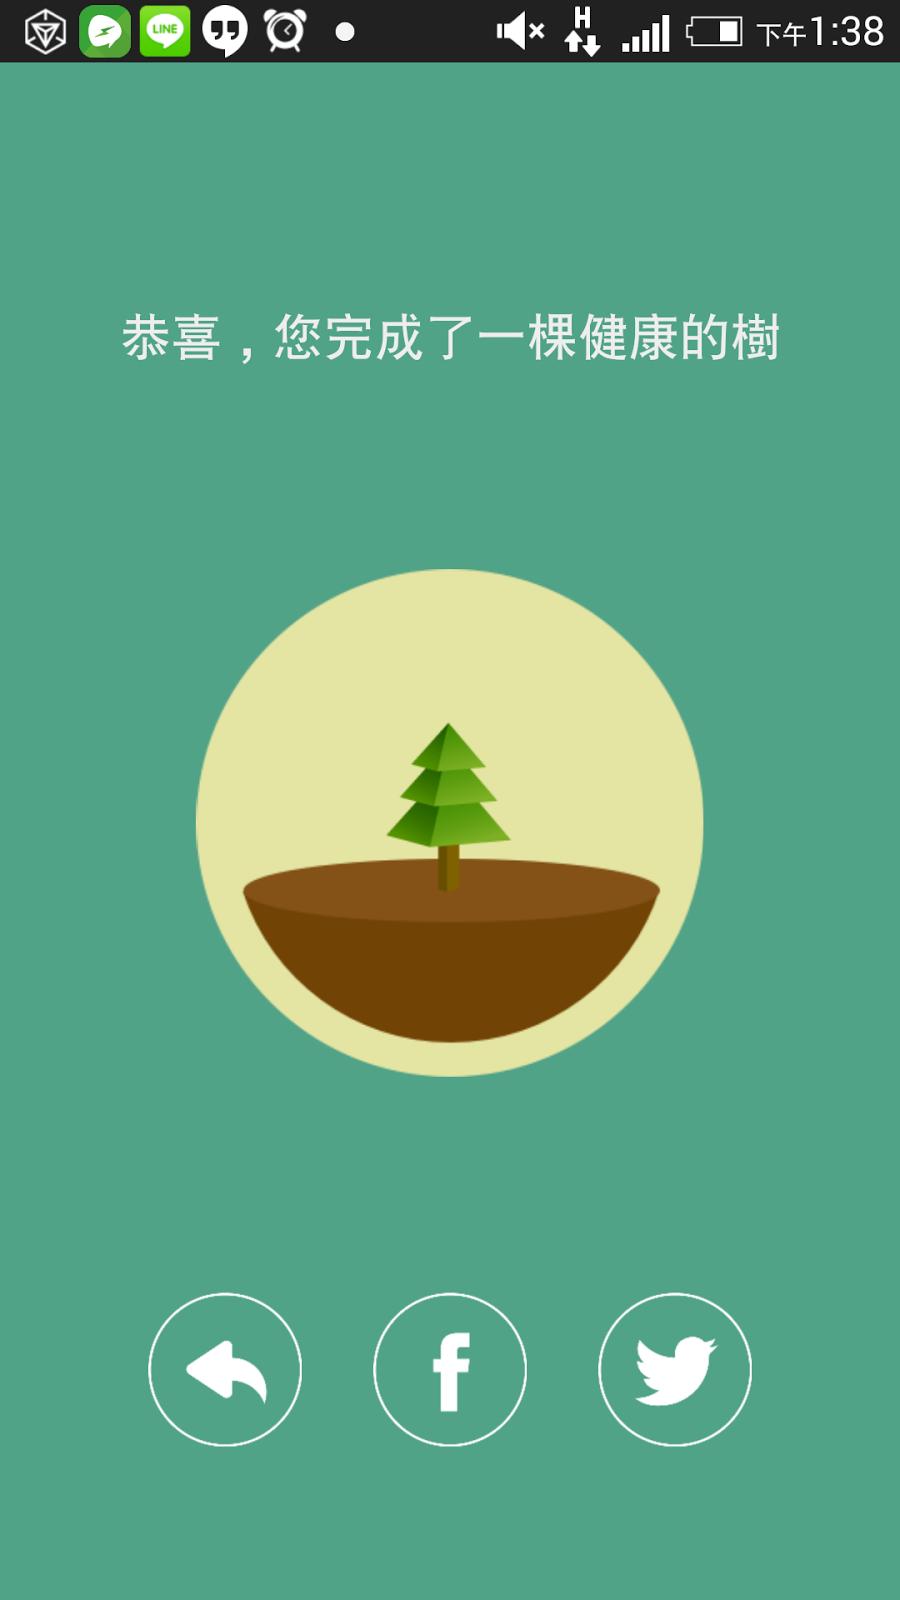 Forest 用專注力養育一片森林,動人的時間管理 App Forest-06